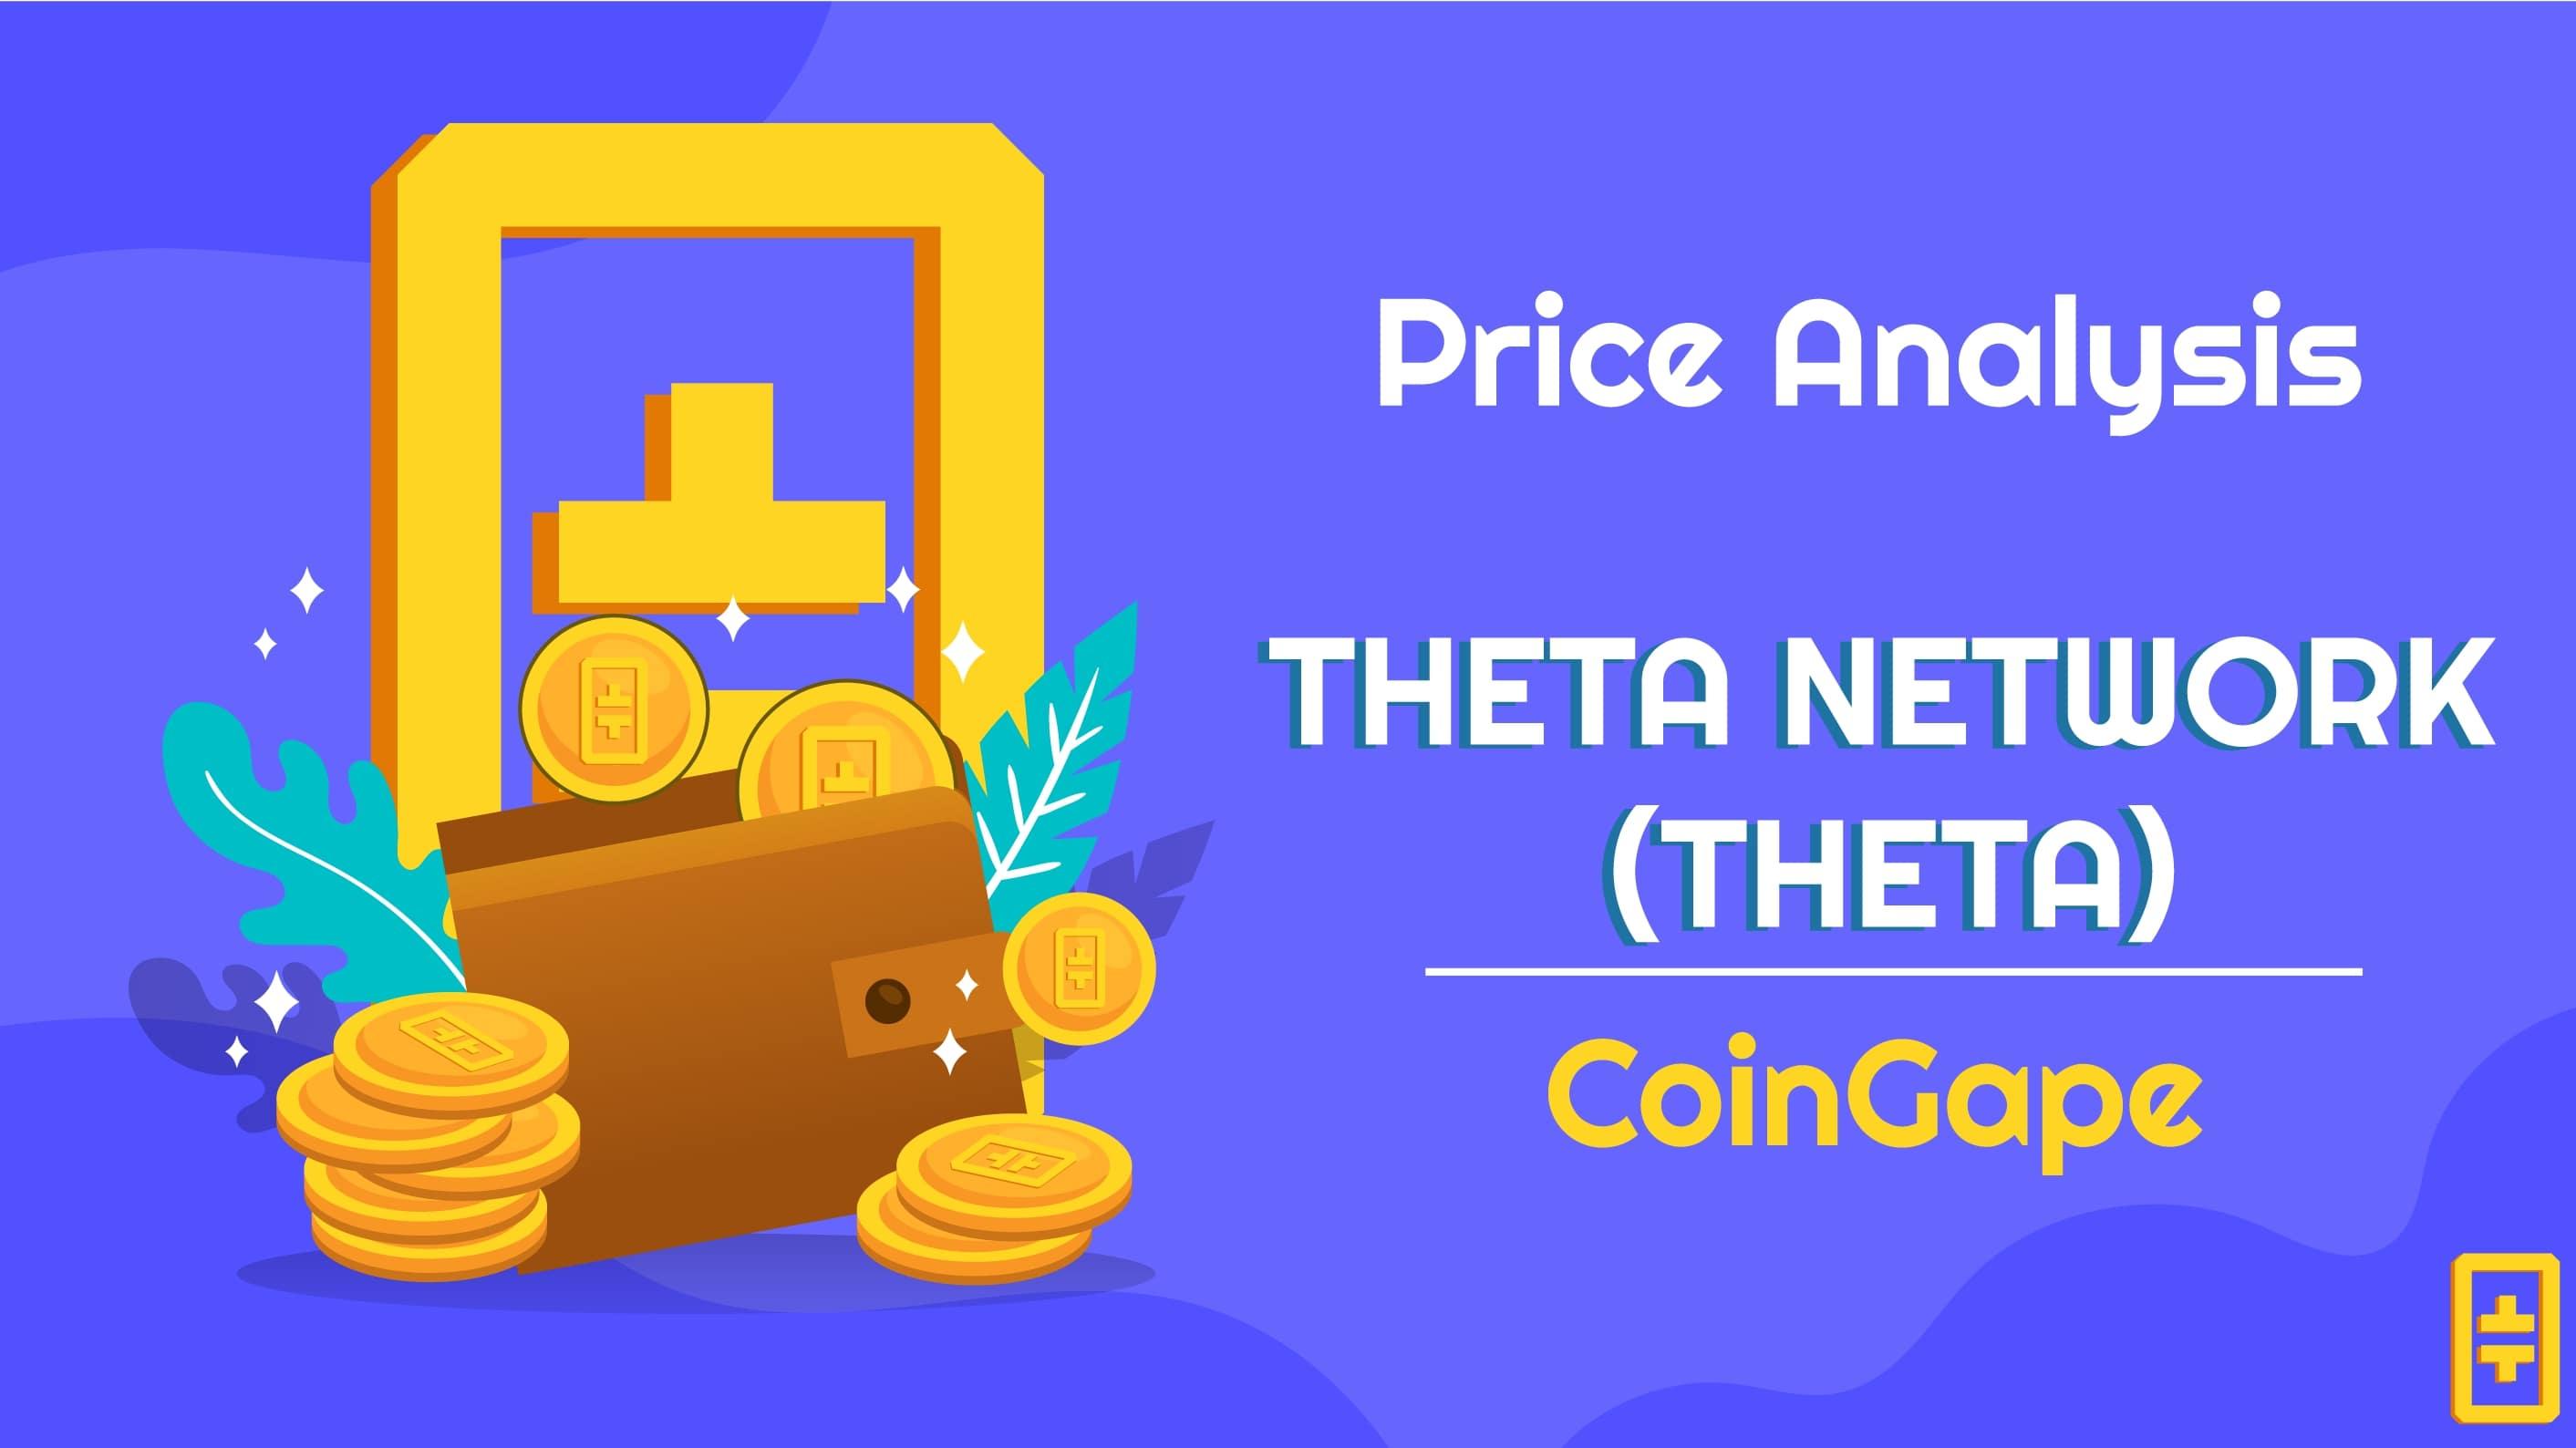 Theta coin